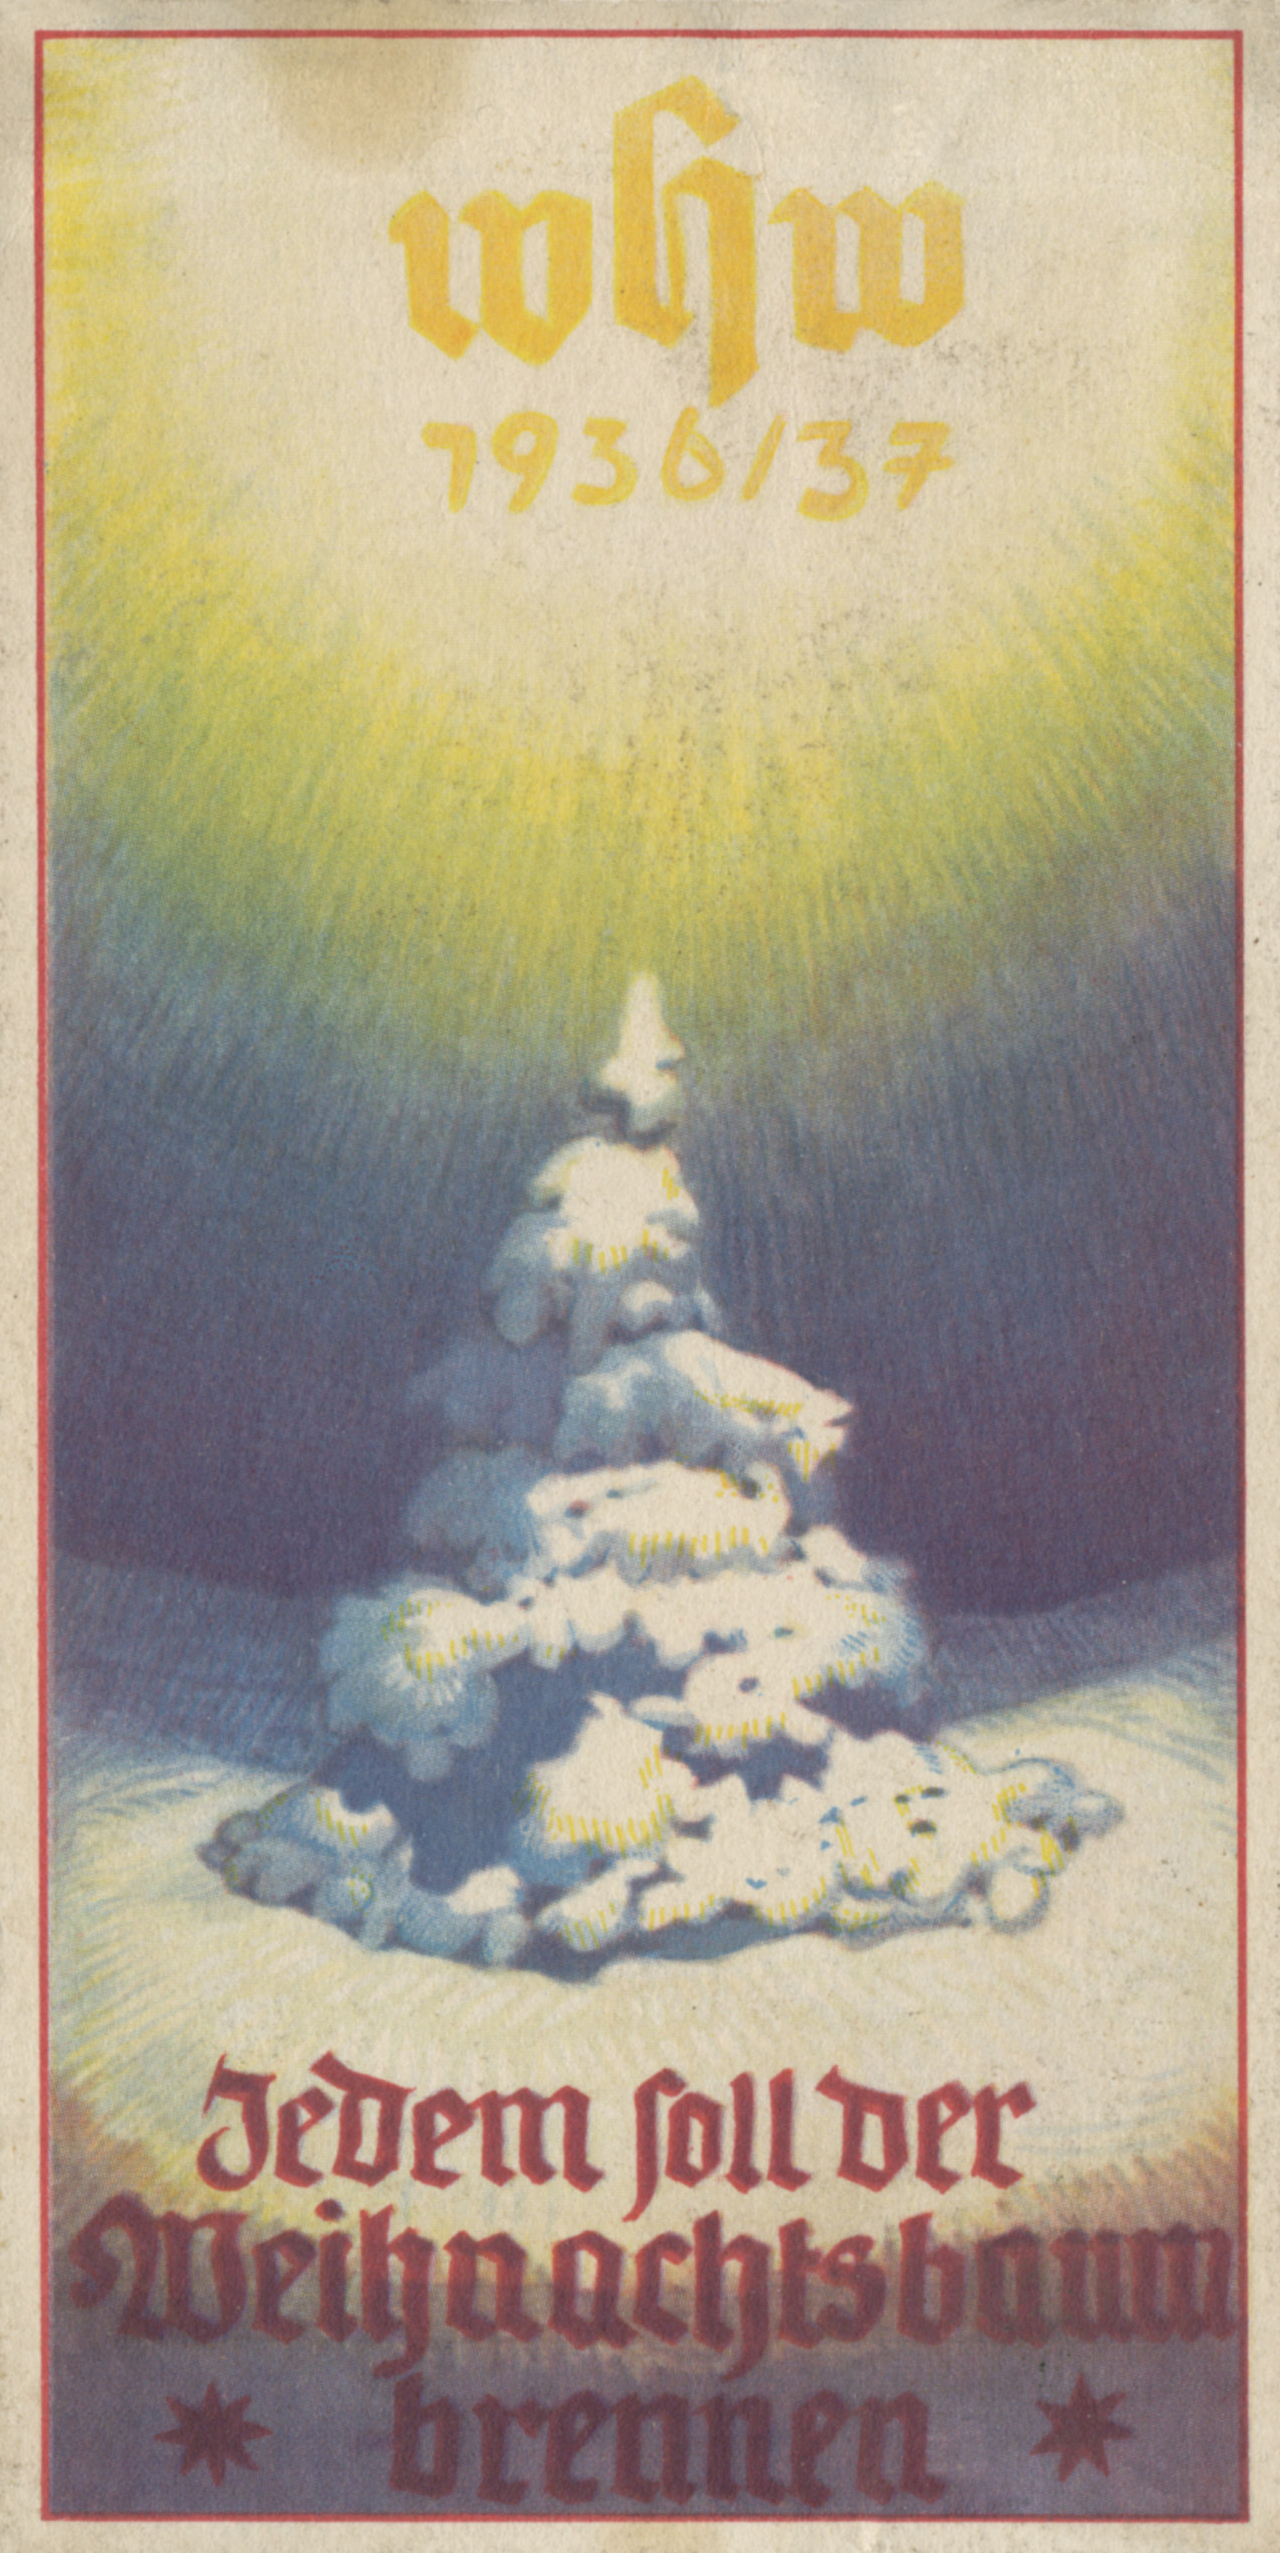 Nationalsozialistischer Weihnachtskult – Wikipedia